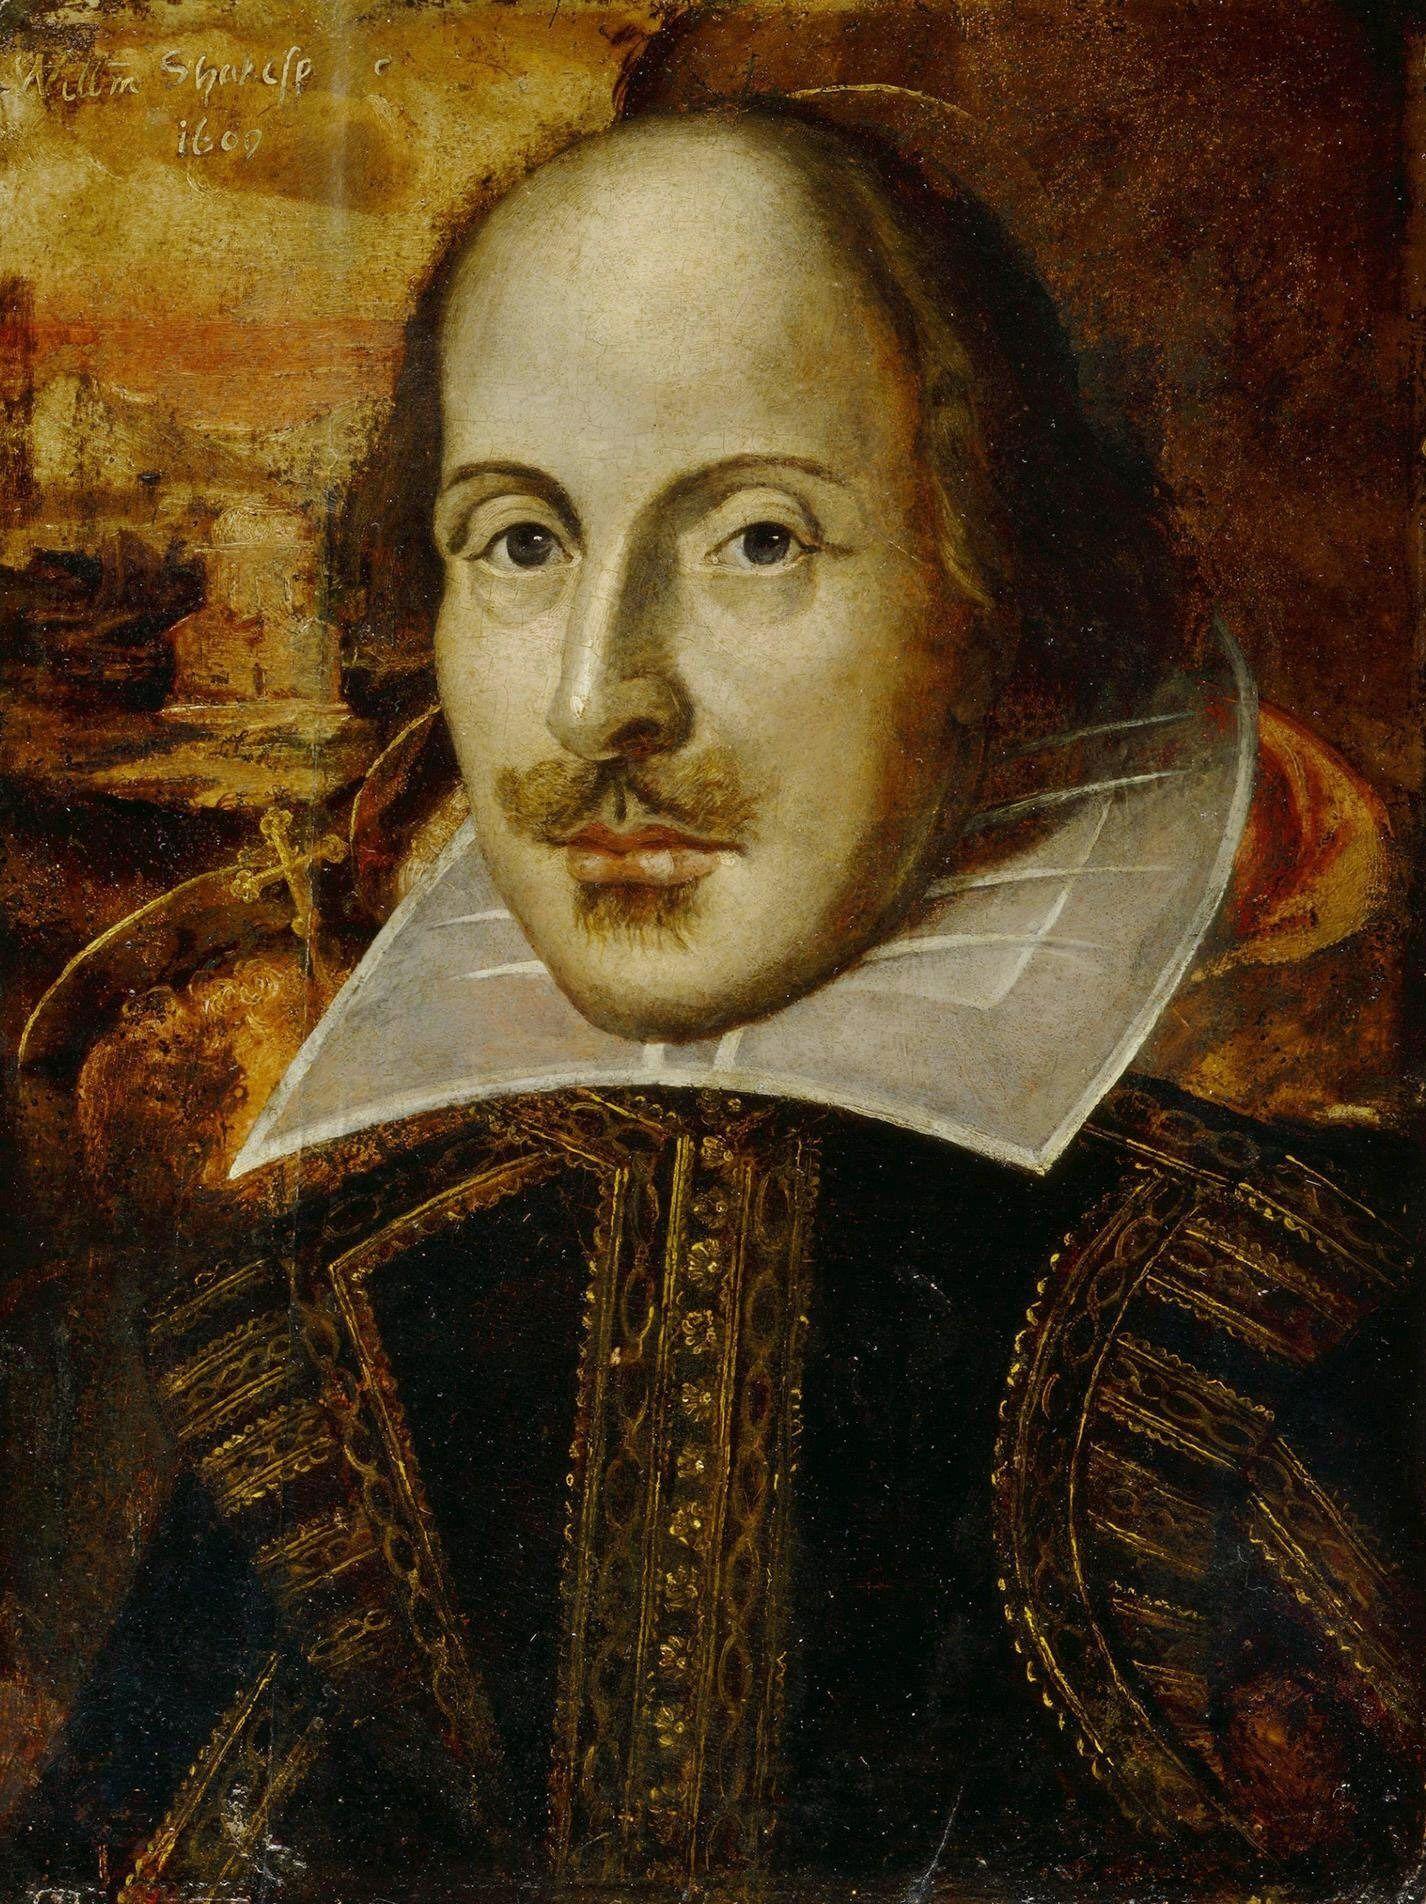 William_Shakespeare_1609